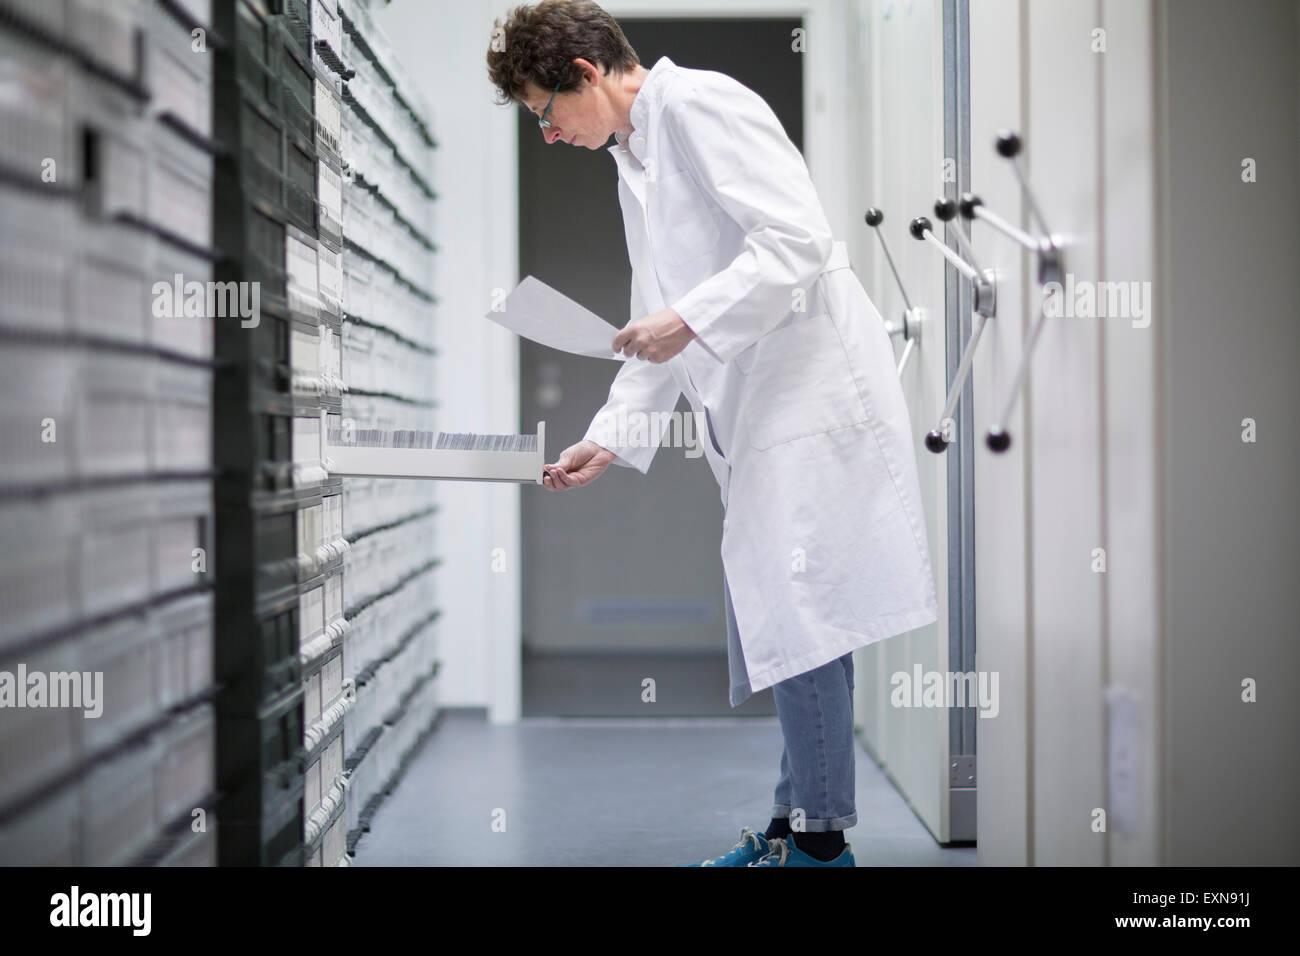 Labor-Assistentin in Probe Archiv des klinischen Labors Stockbild